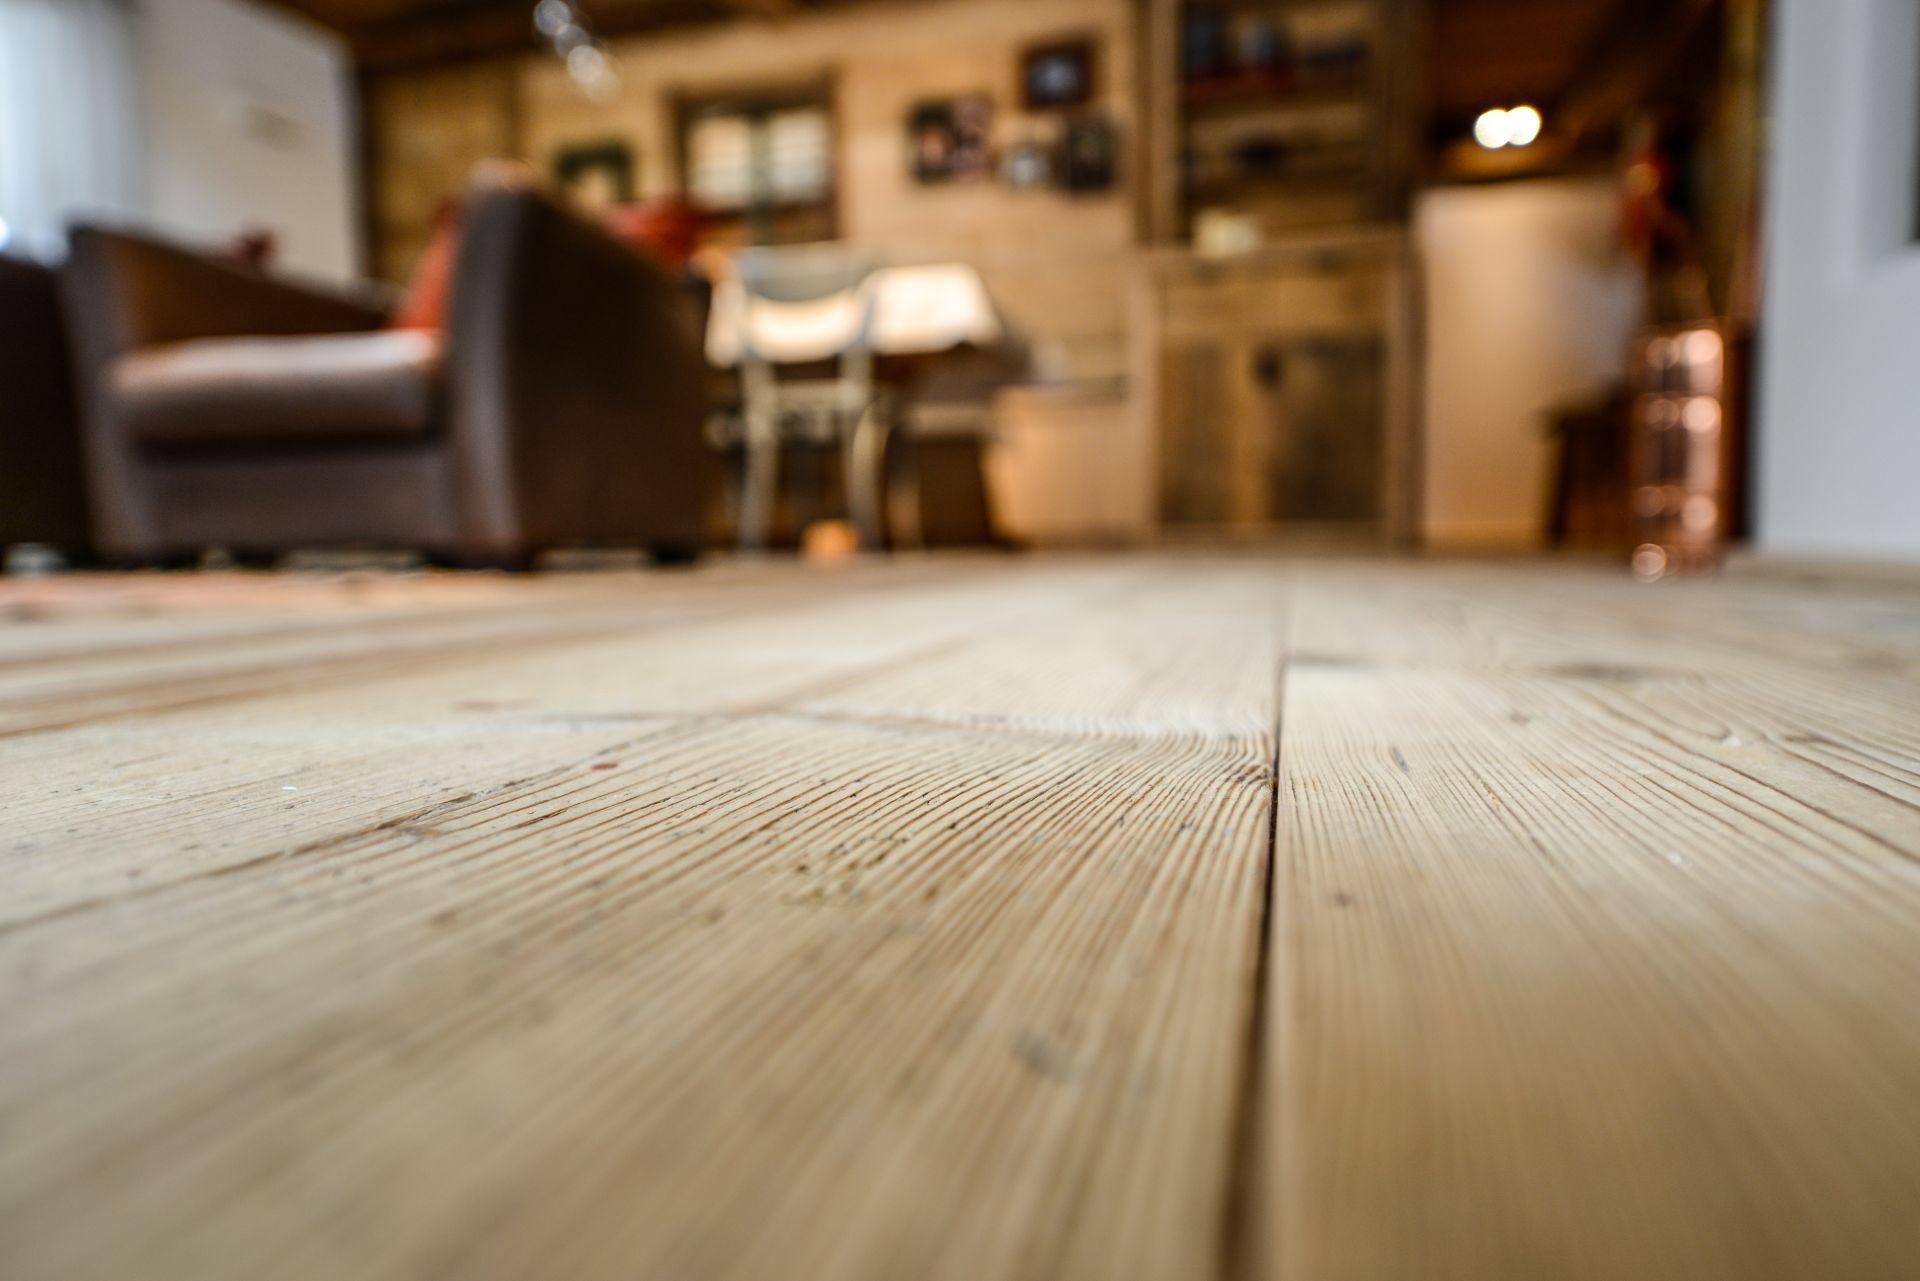 Houten Vloer Onderhoud : Onderhoud houten vloer den haag de vloerspecialist